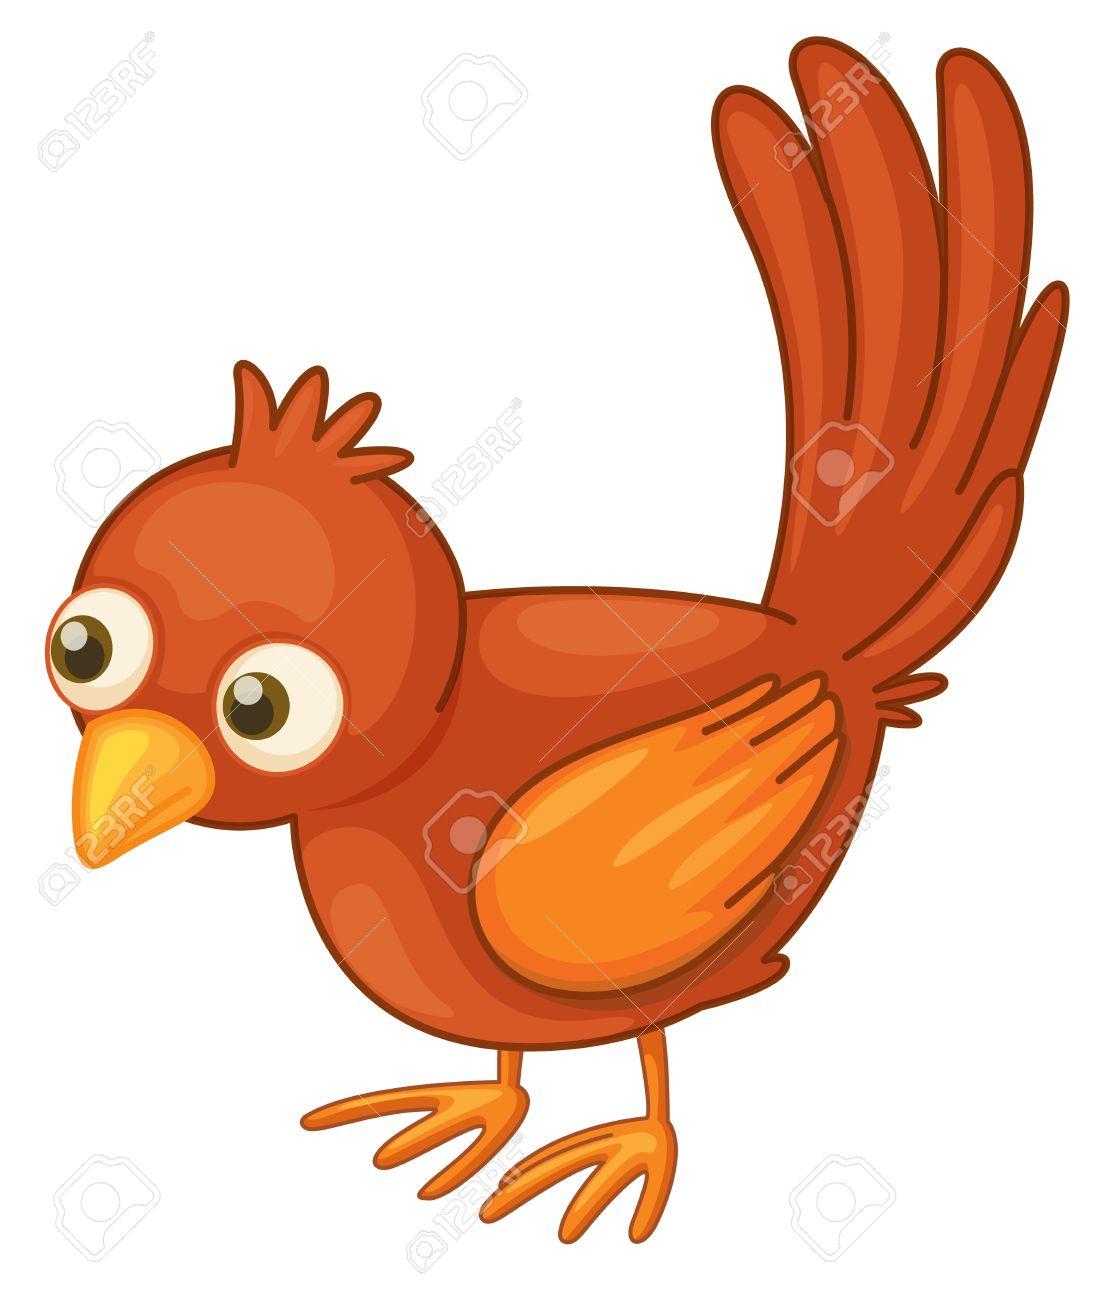 Nest clipart chirping bird #4